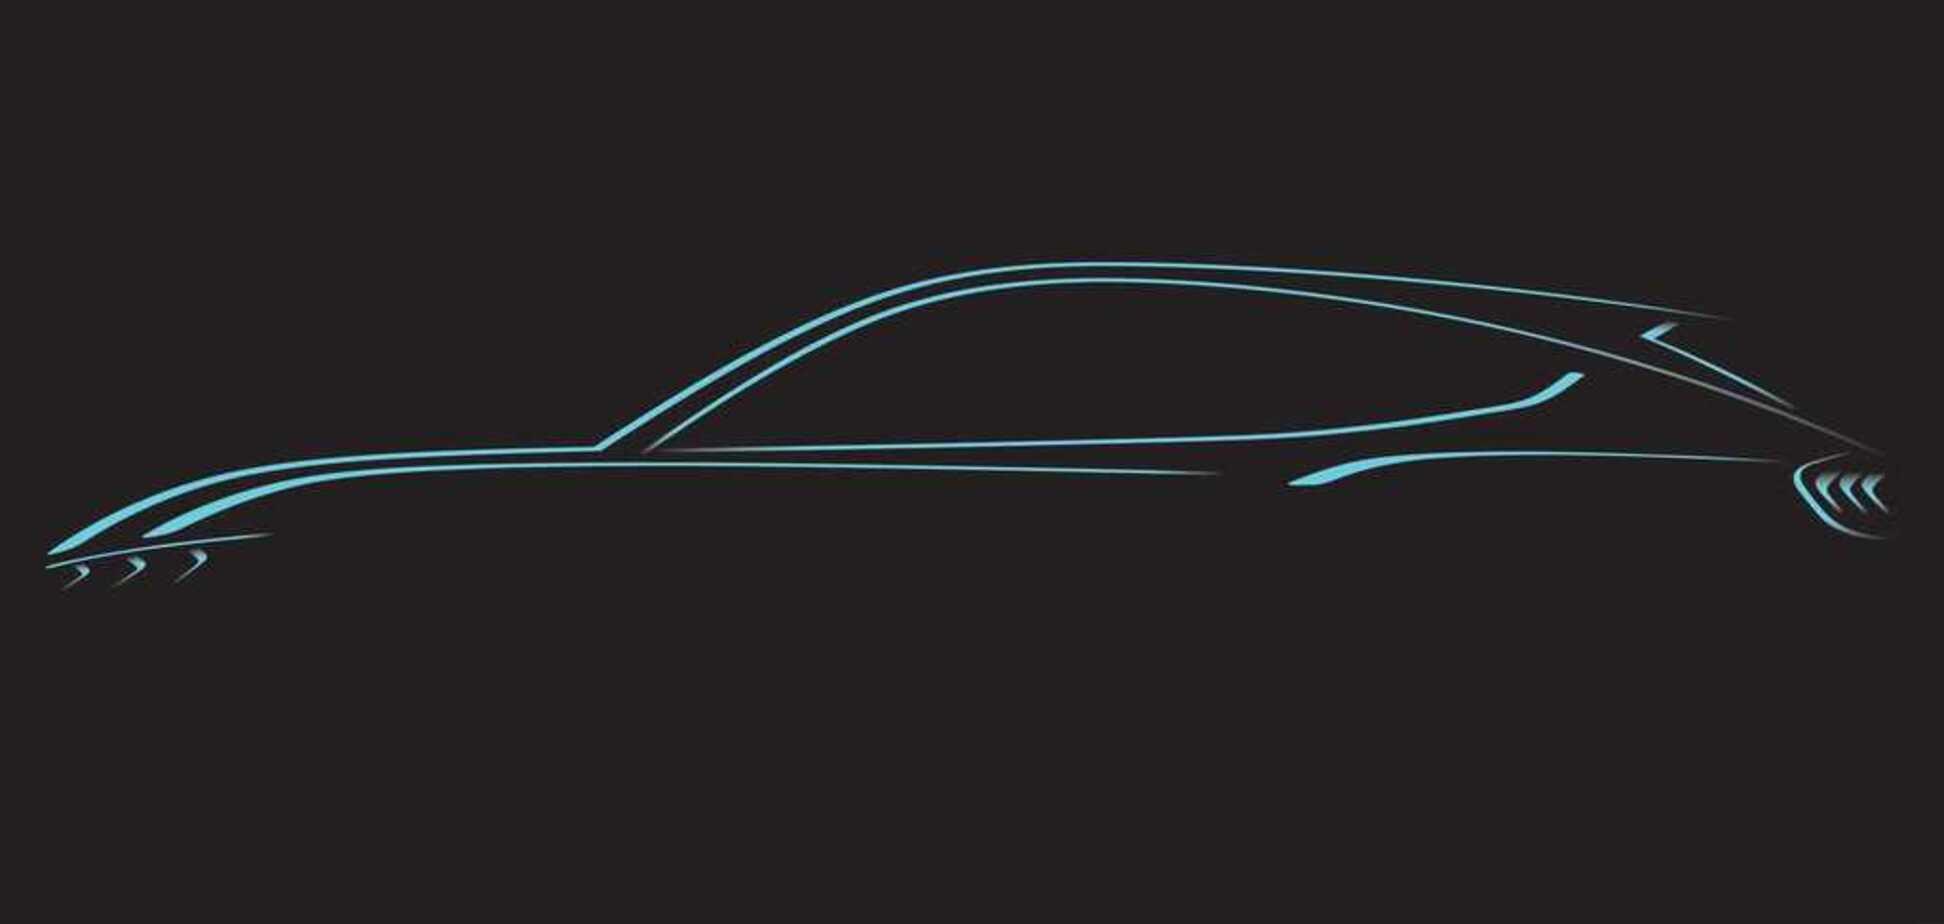 У стилі Mustang: компанія Ford показала обриси нового електромобіля